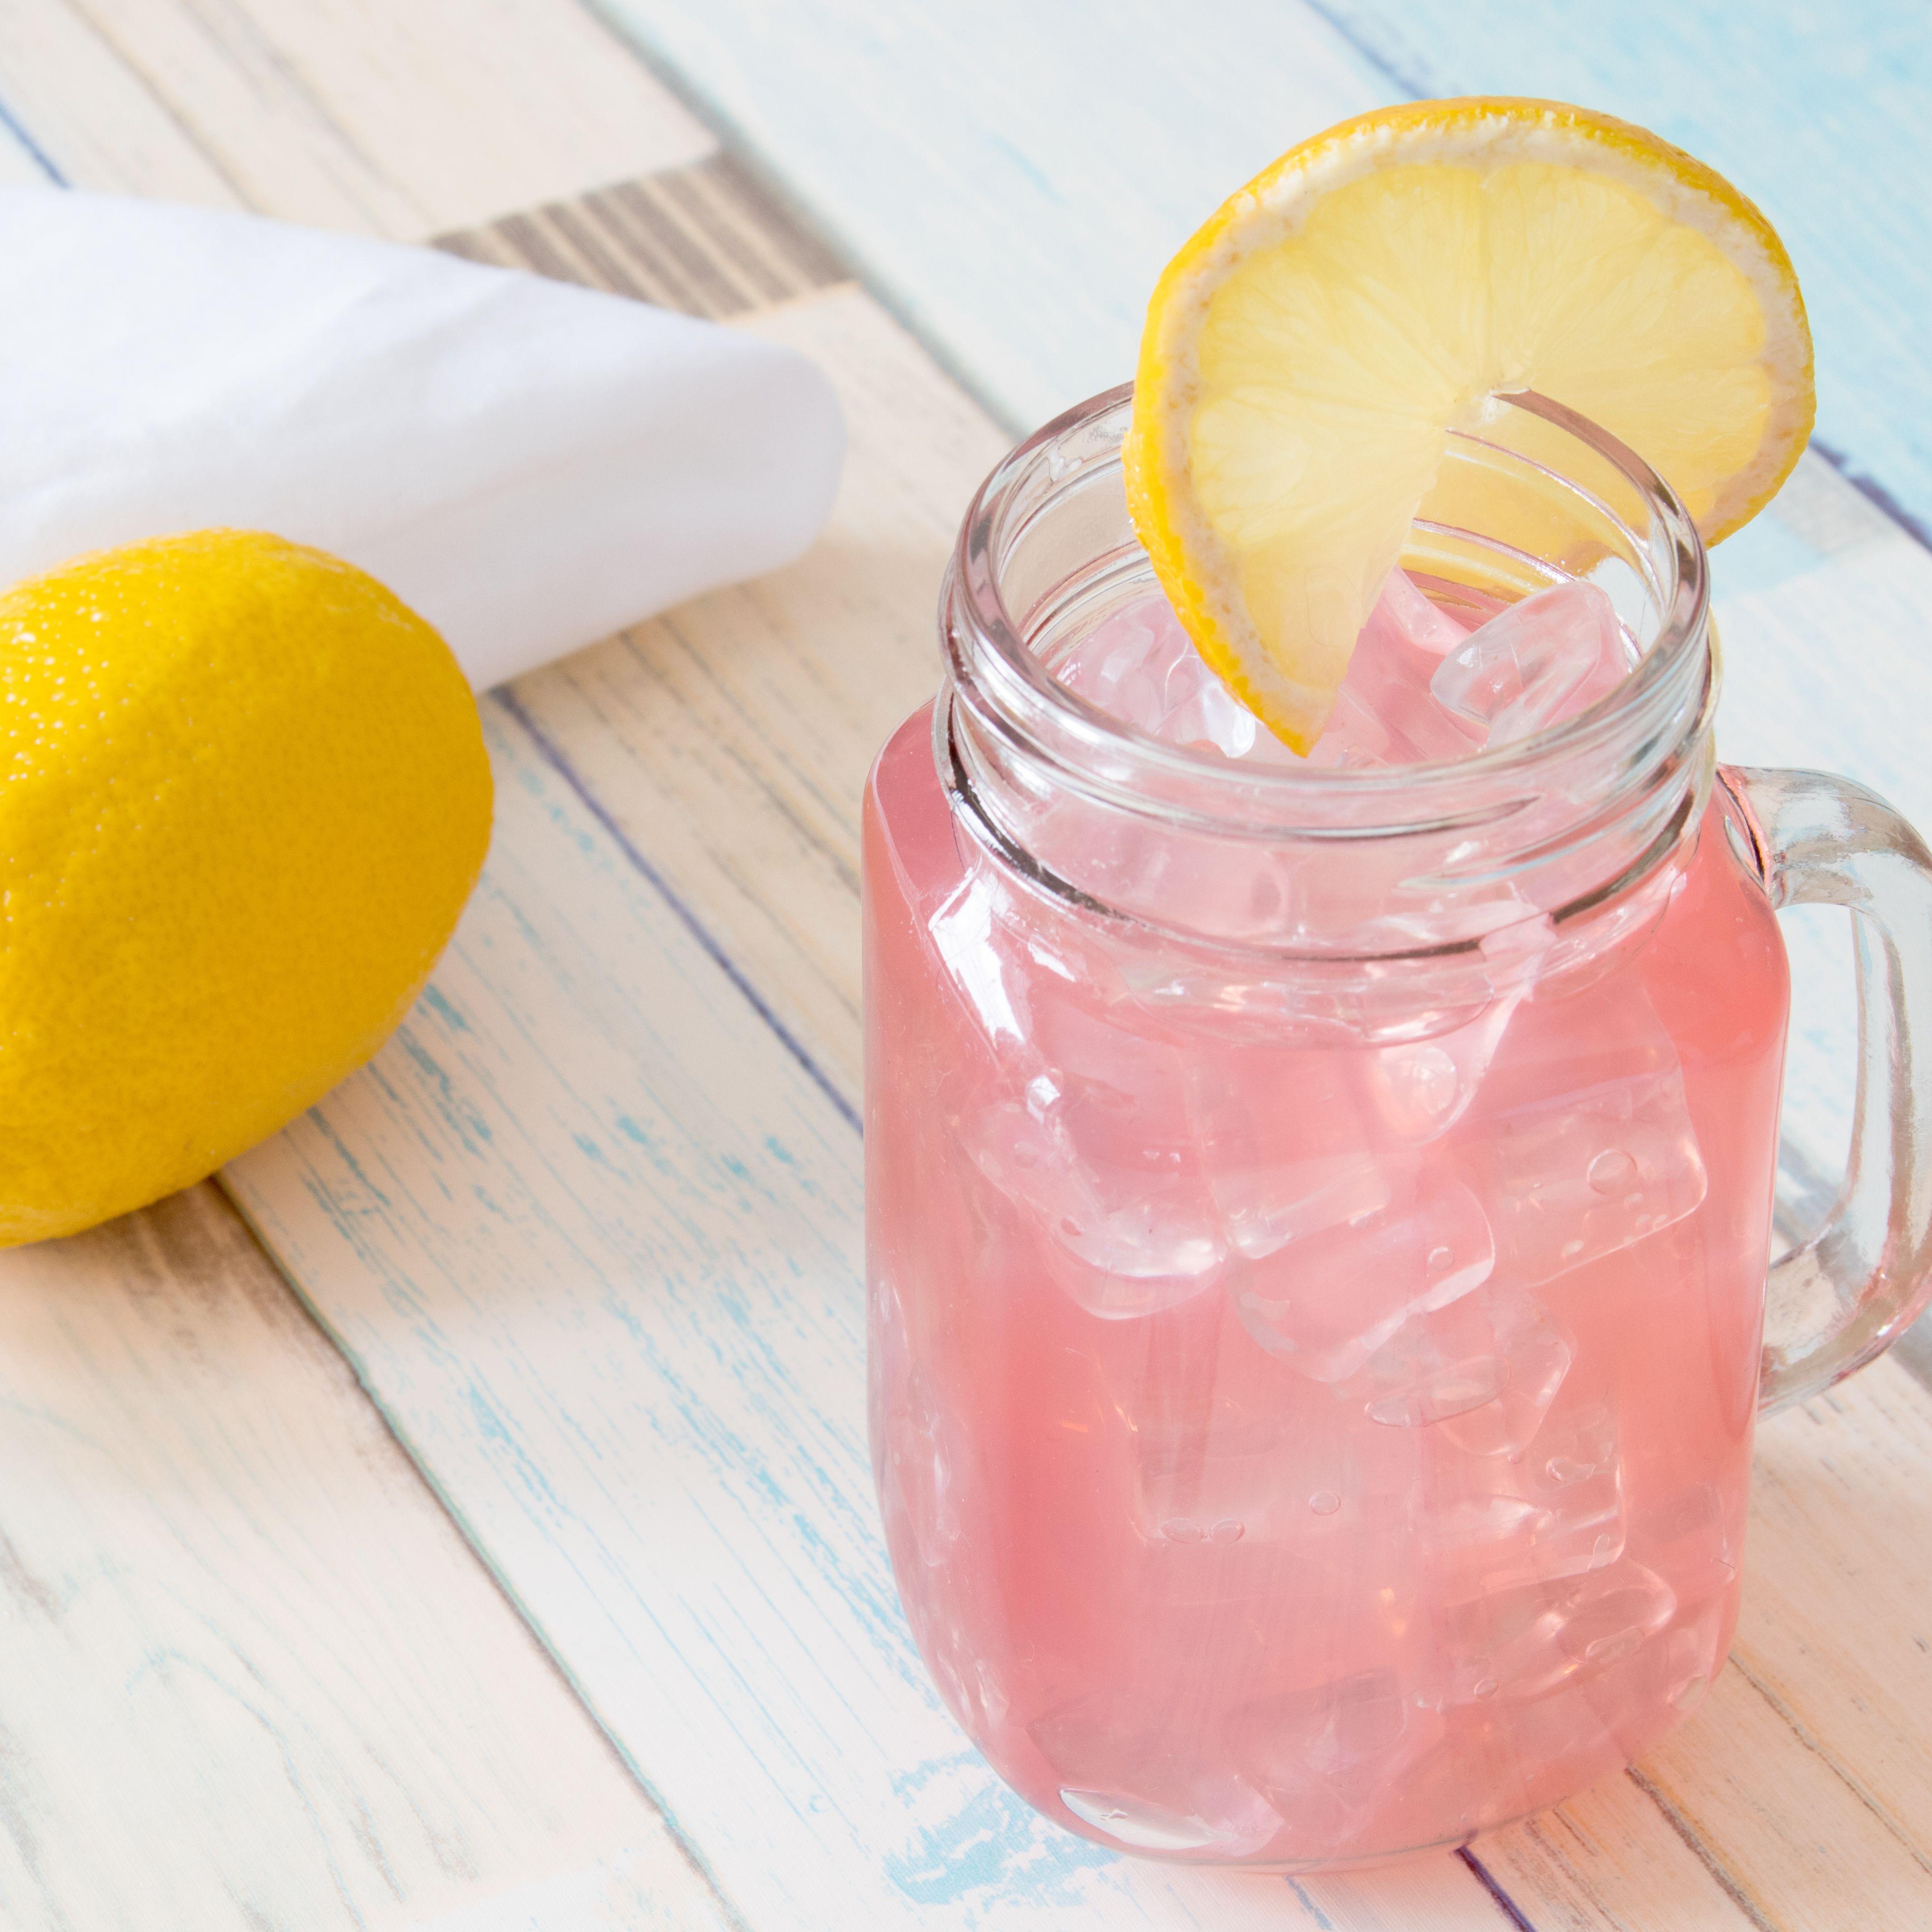 Jim Beam's Red Stag Lemonade Recipe